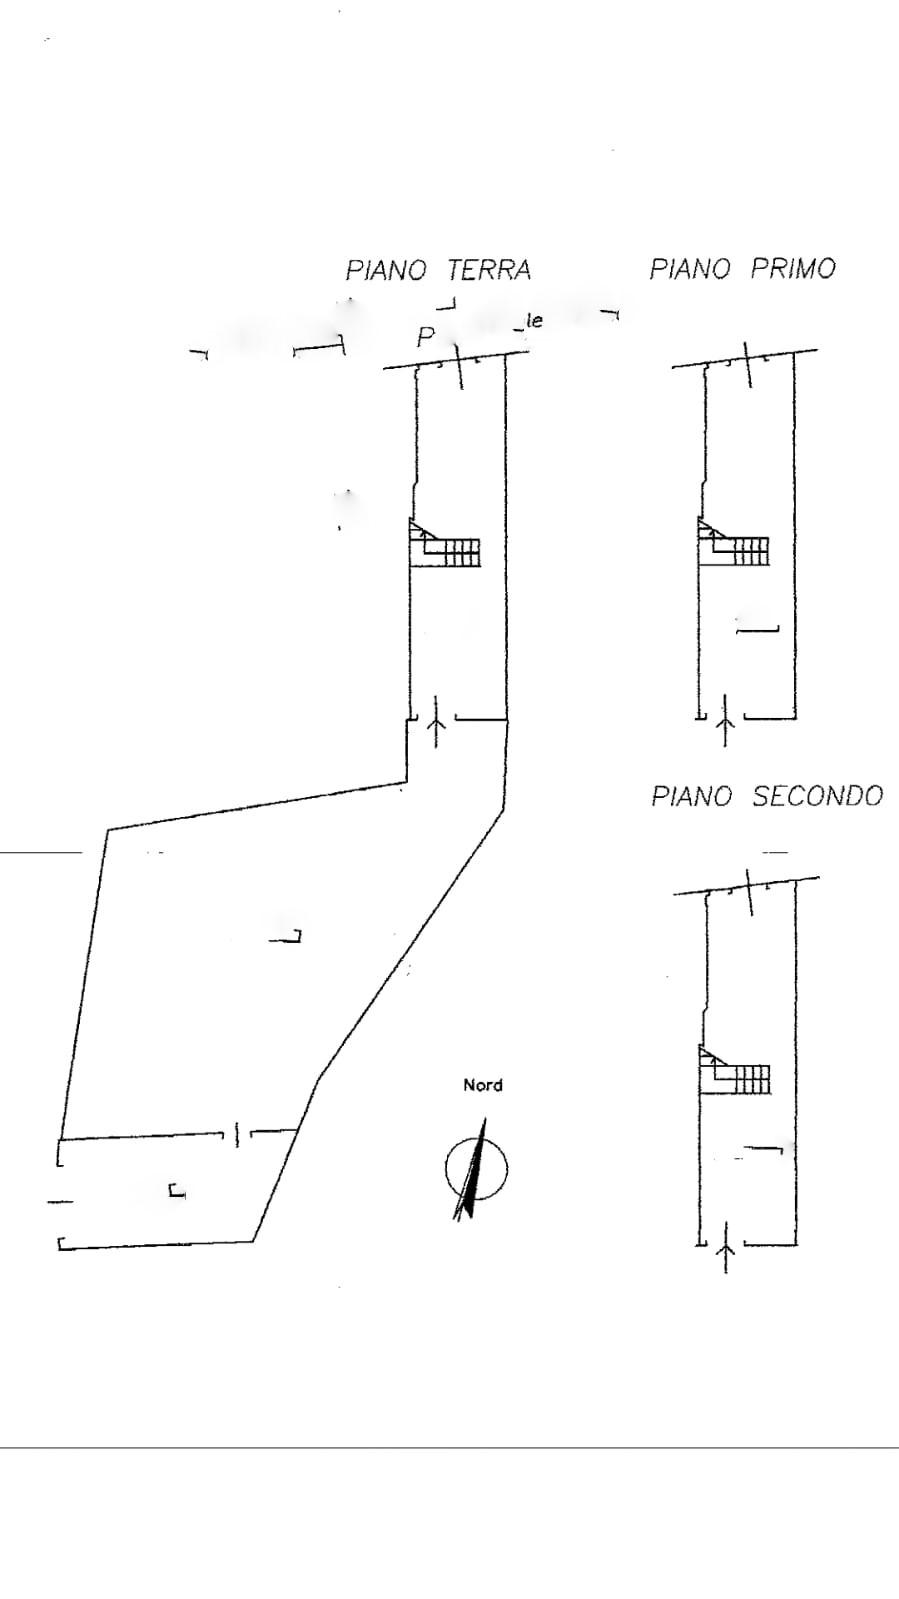 Planimetria 1/3 per rif. trc sdona 179